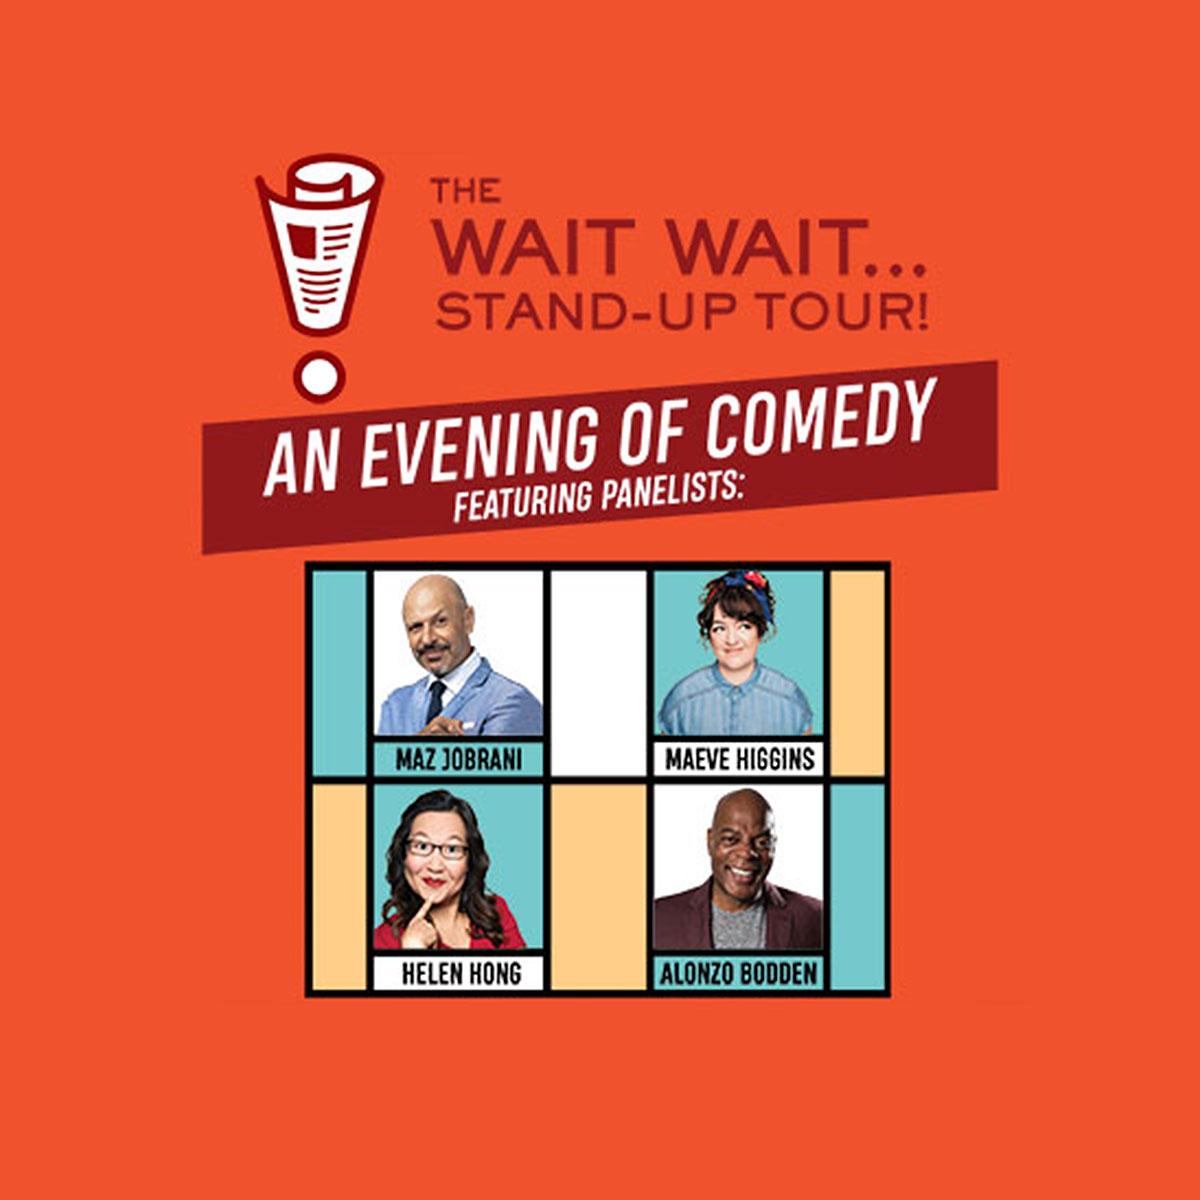 The Wait Wait… Stand-Up Tour!